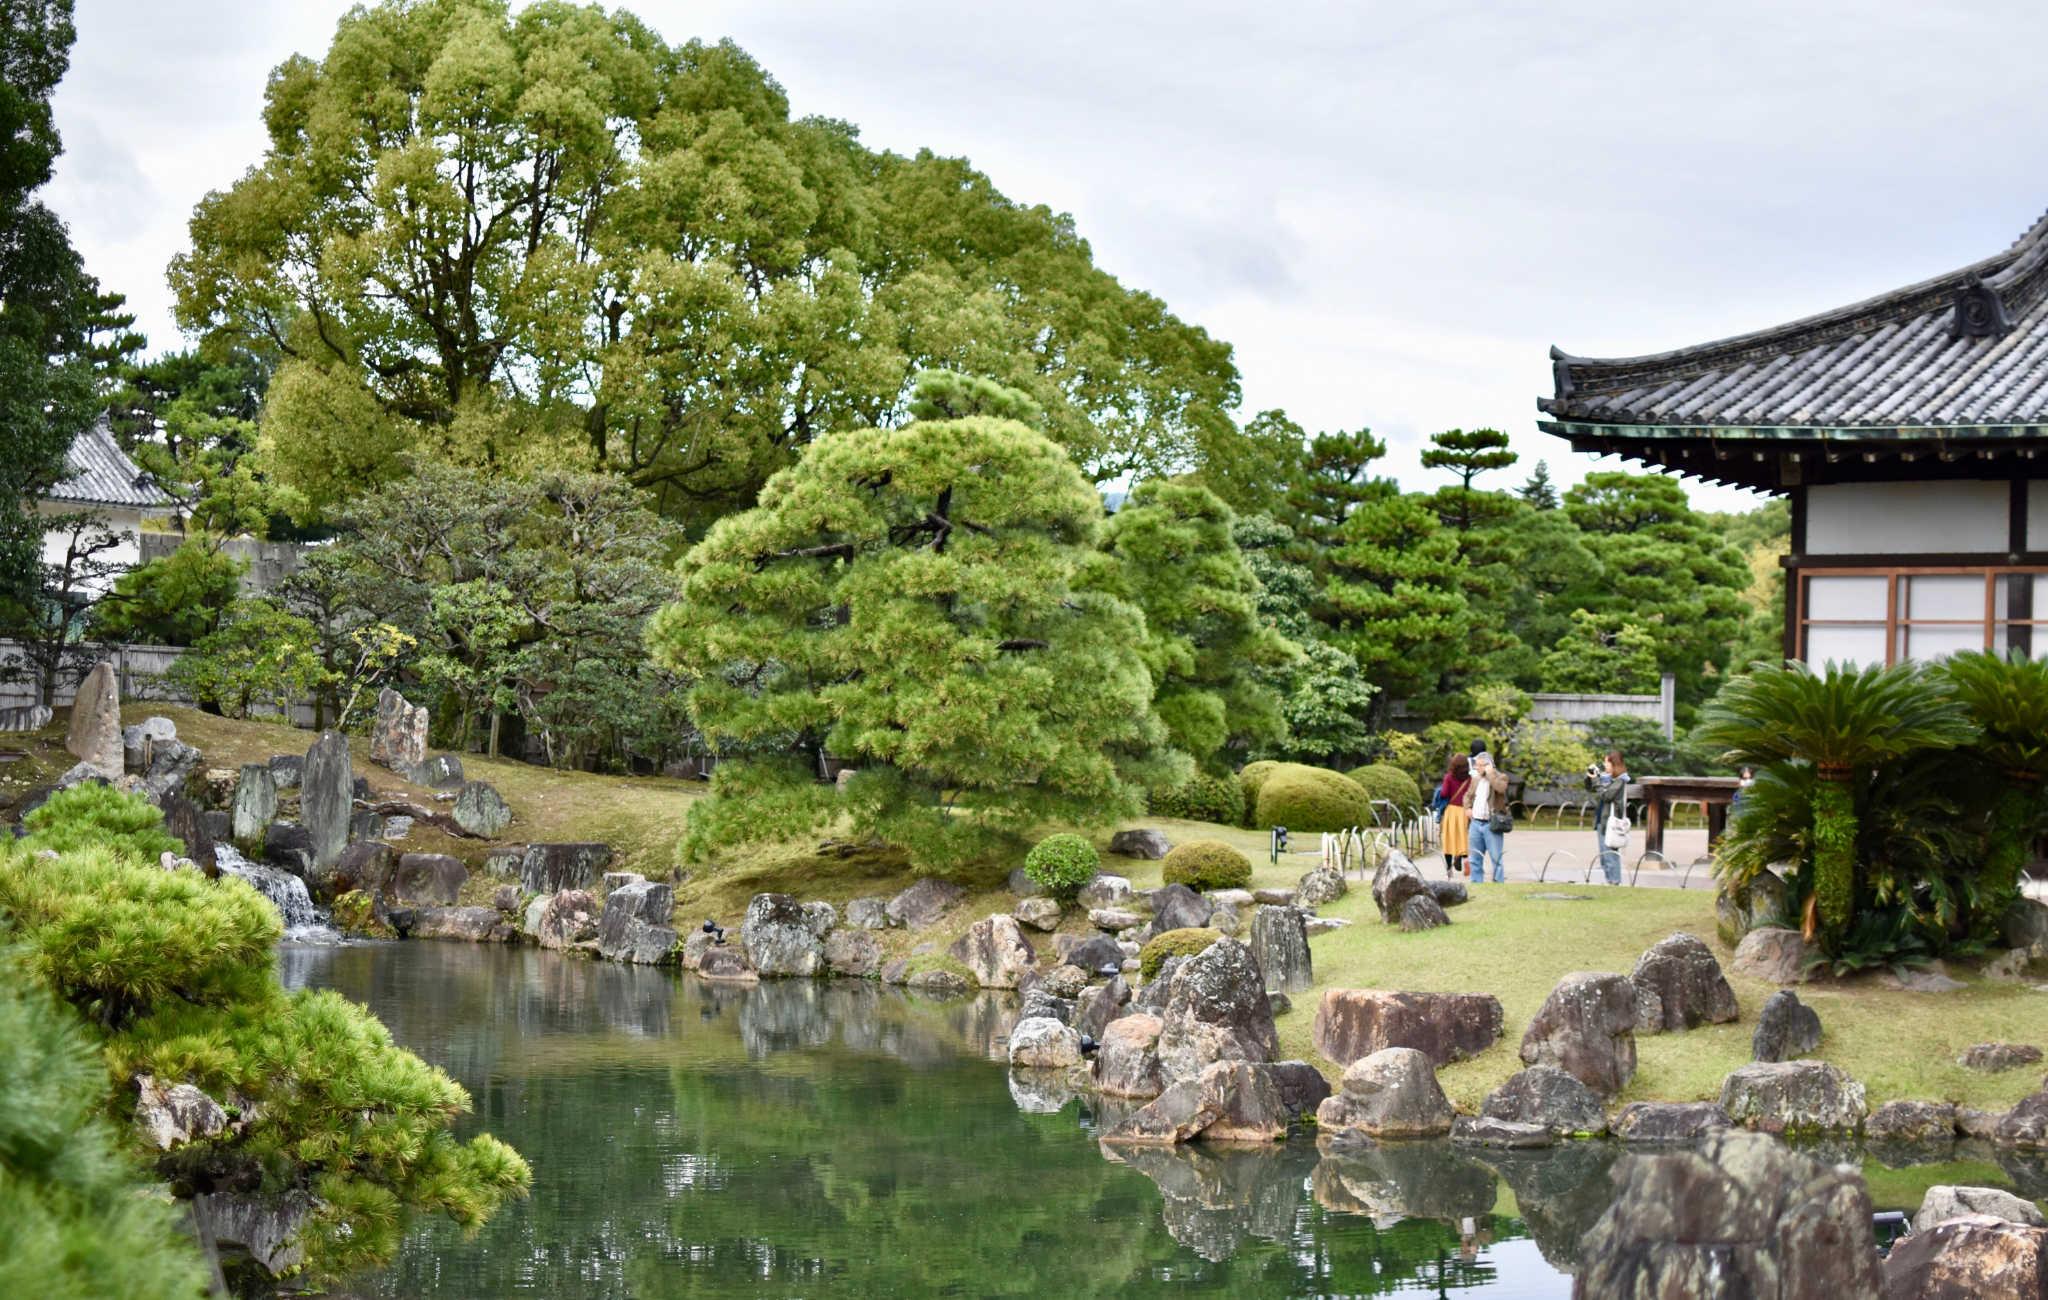 Impressionnant jardin japonais, un des plus beaux de Kyoto